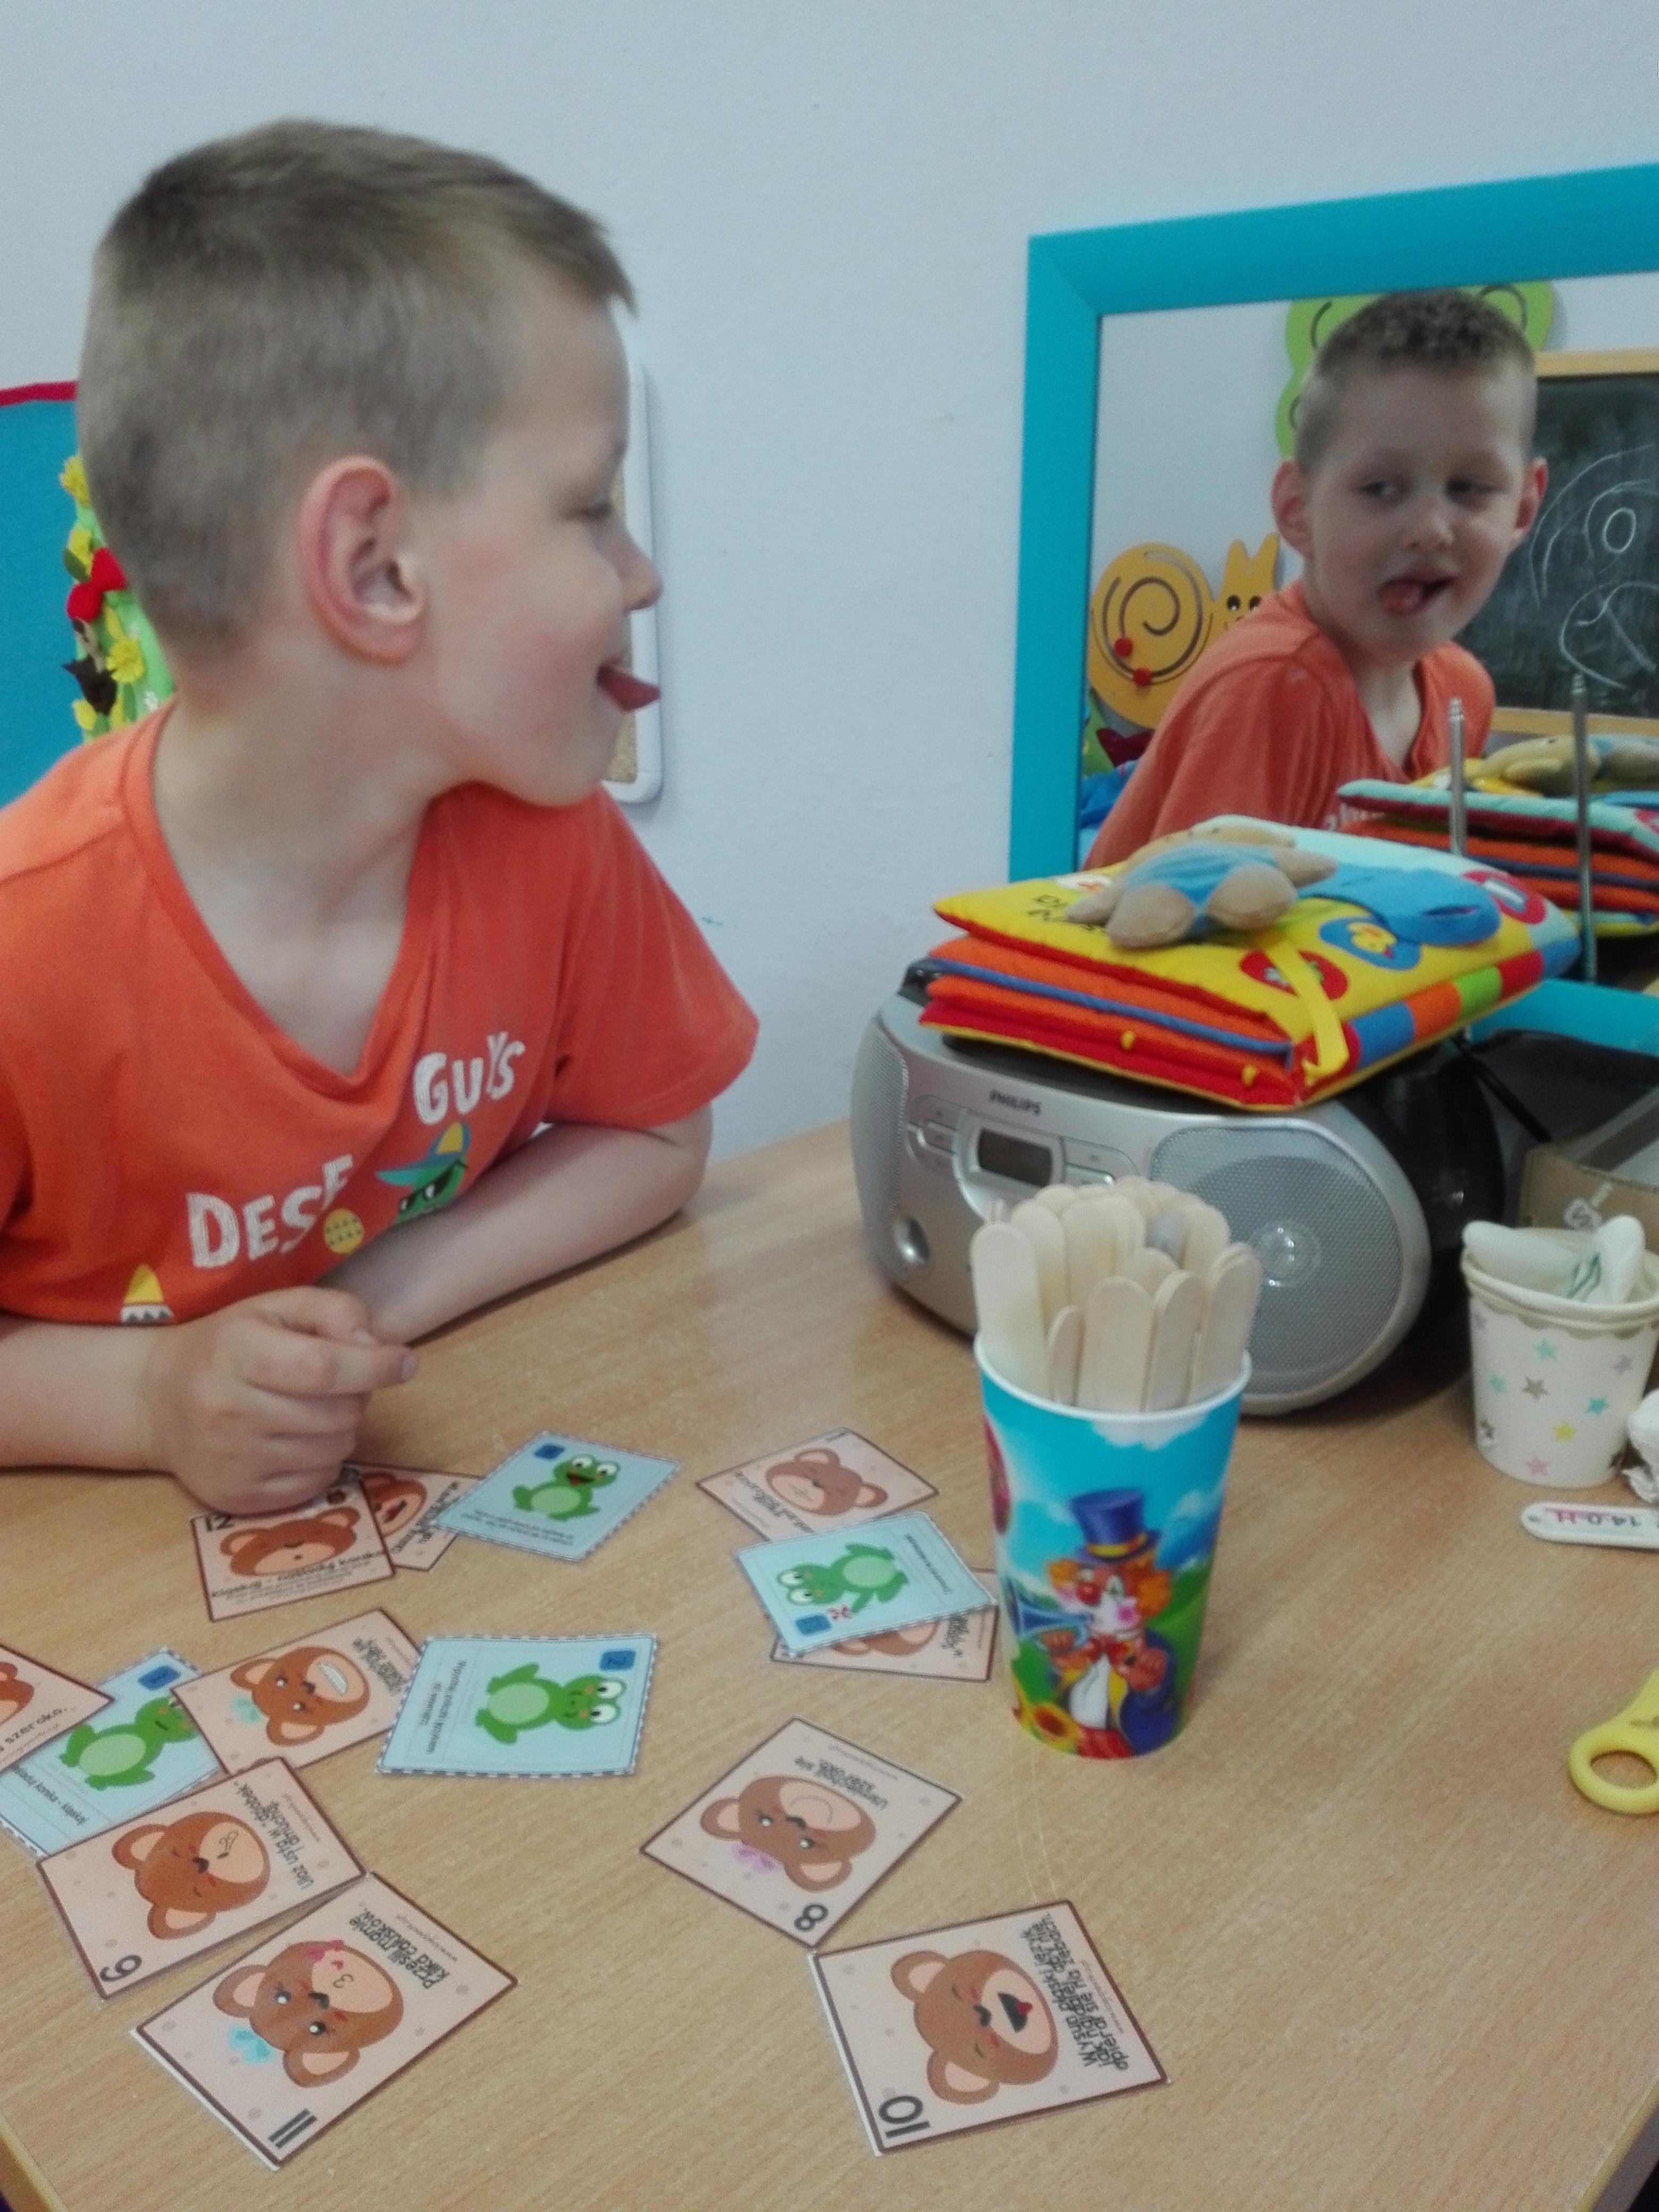 Chłopiec siedzi przed lustrem, języczkiem wykonuje ćwiczenia, a dodatkowo na stoliku jest gra memory